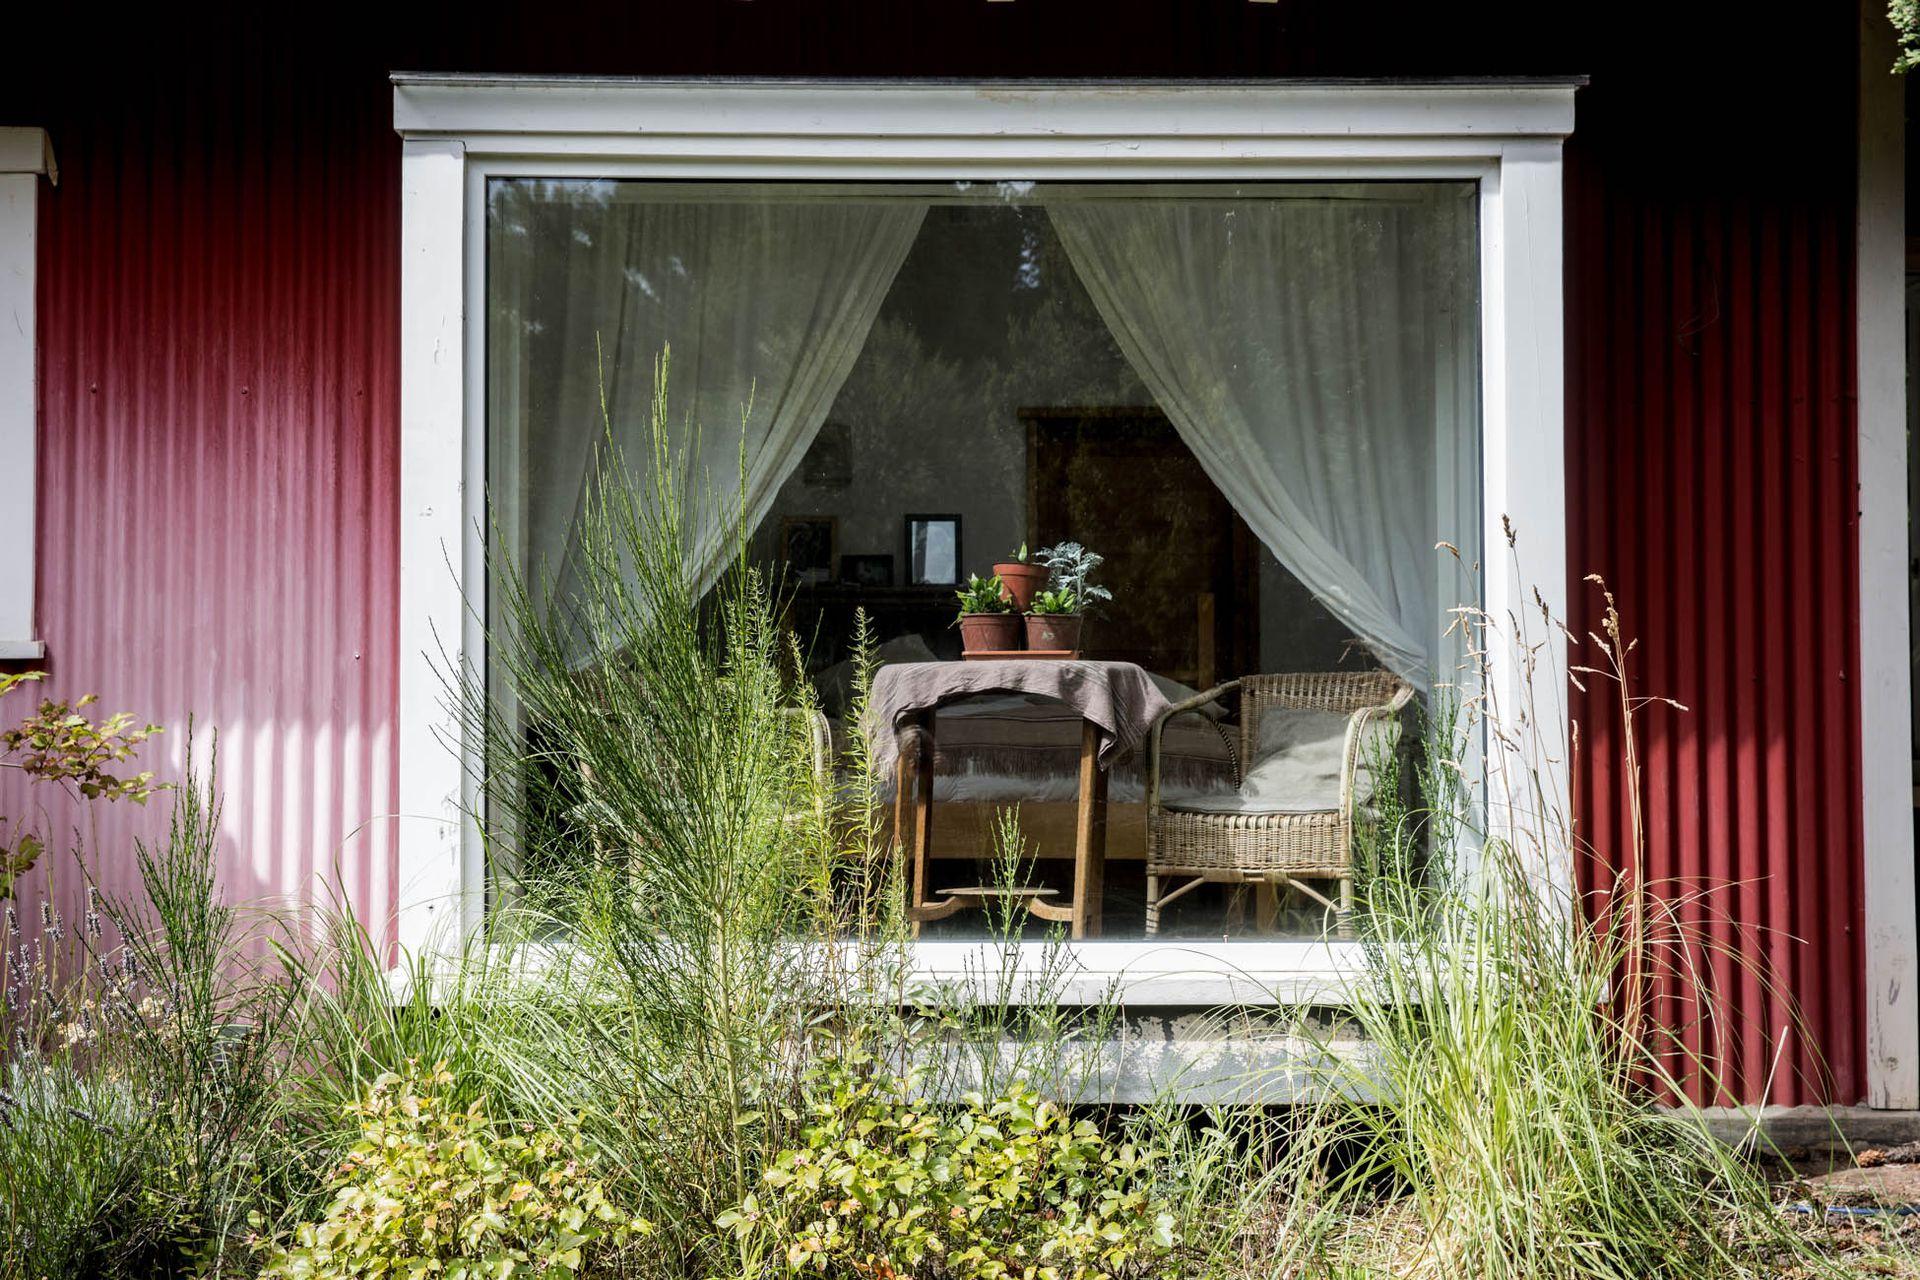 Ventana ideal para sentarse dentro de la casa a contemplar el jardín.